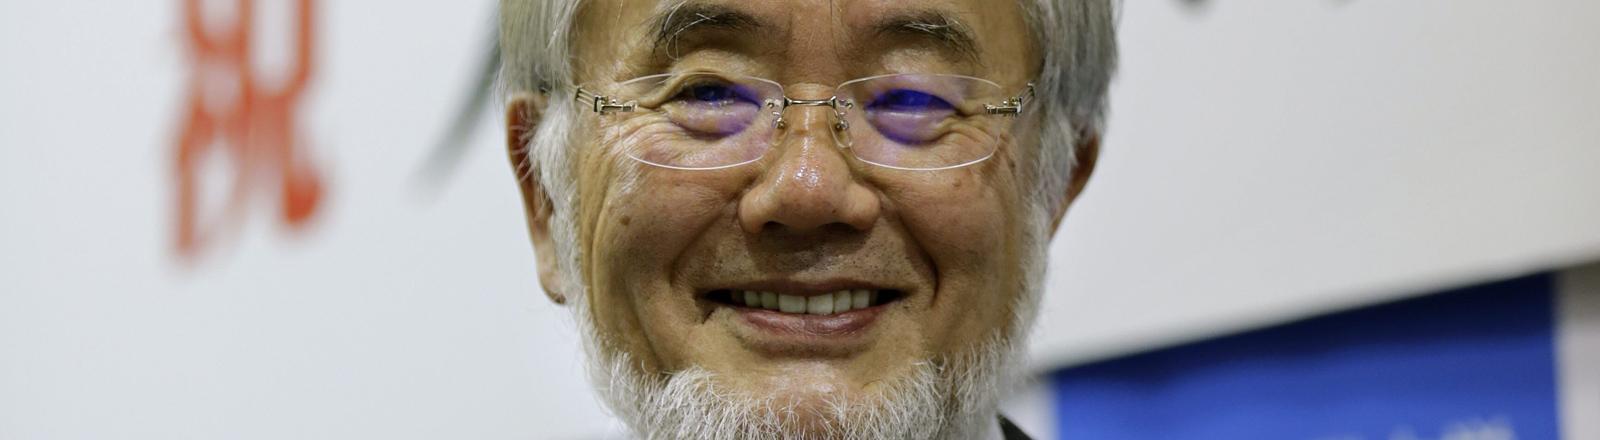 Der japanische Wissenschaftler Yoshinori Osumi bekommt den Nobelpreis für Medizin 2016.